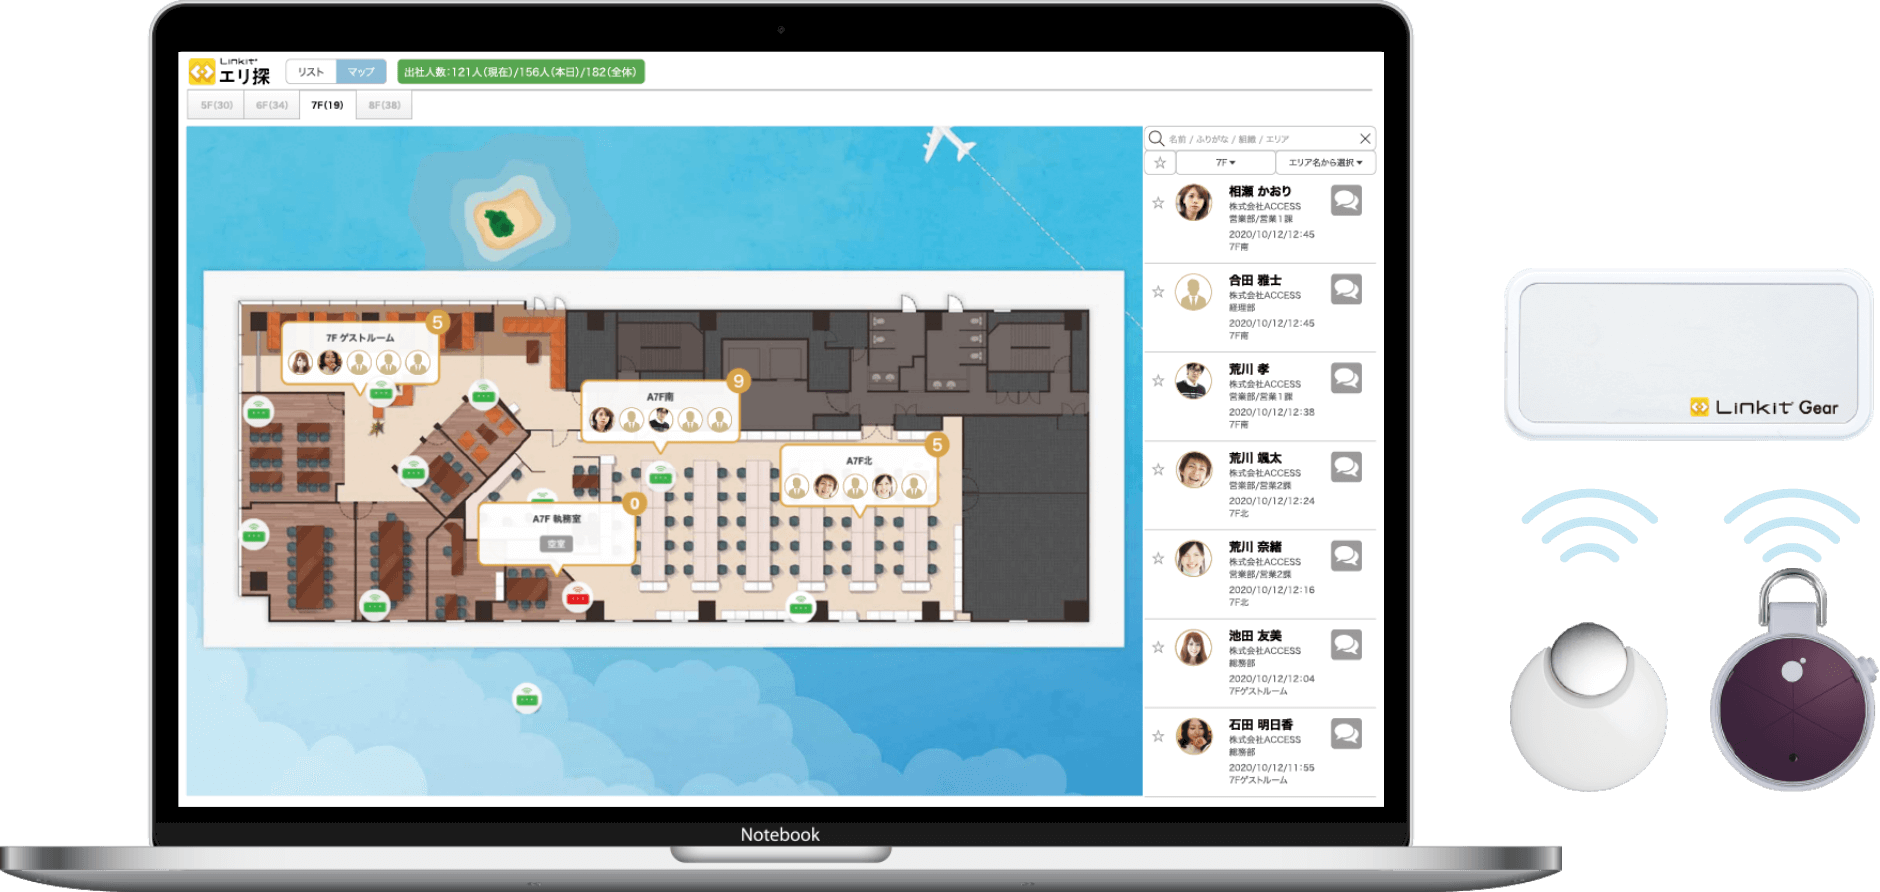 屋内位置情報ヒトモノ見える化IoT「Linkit エリア探索」